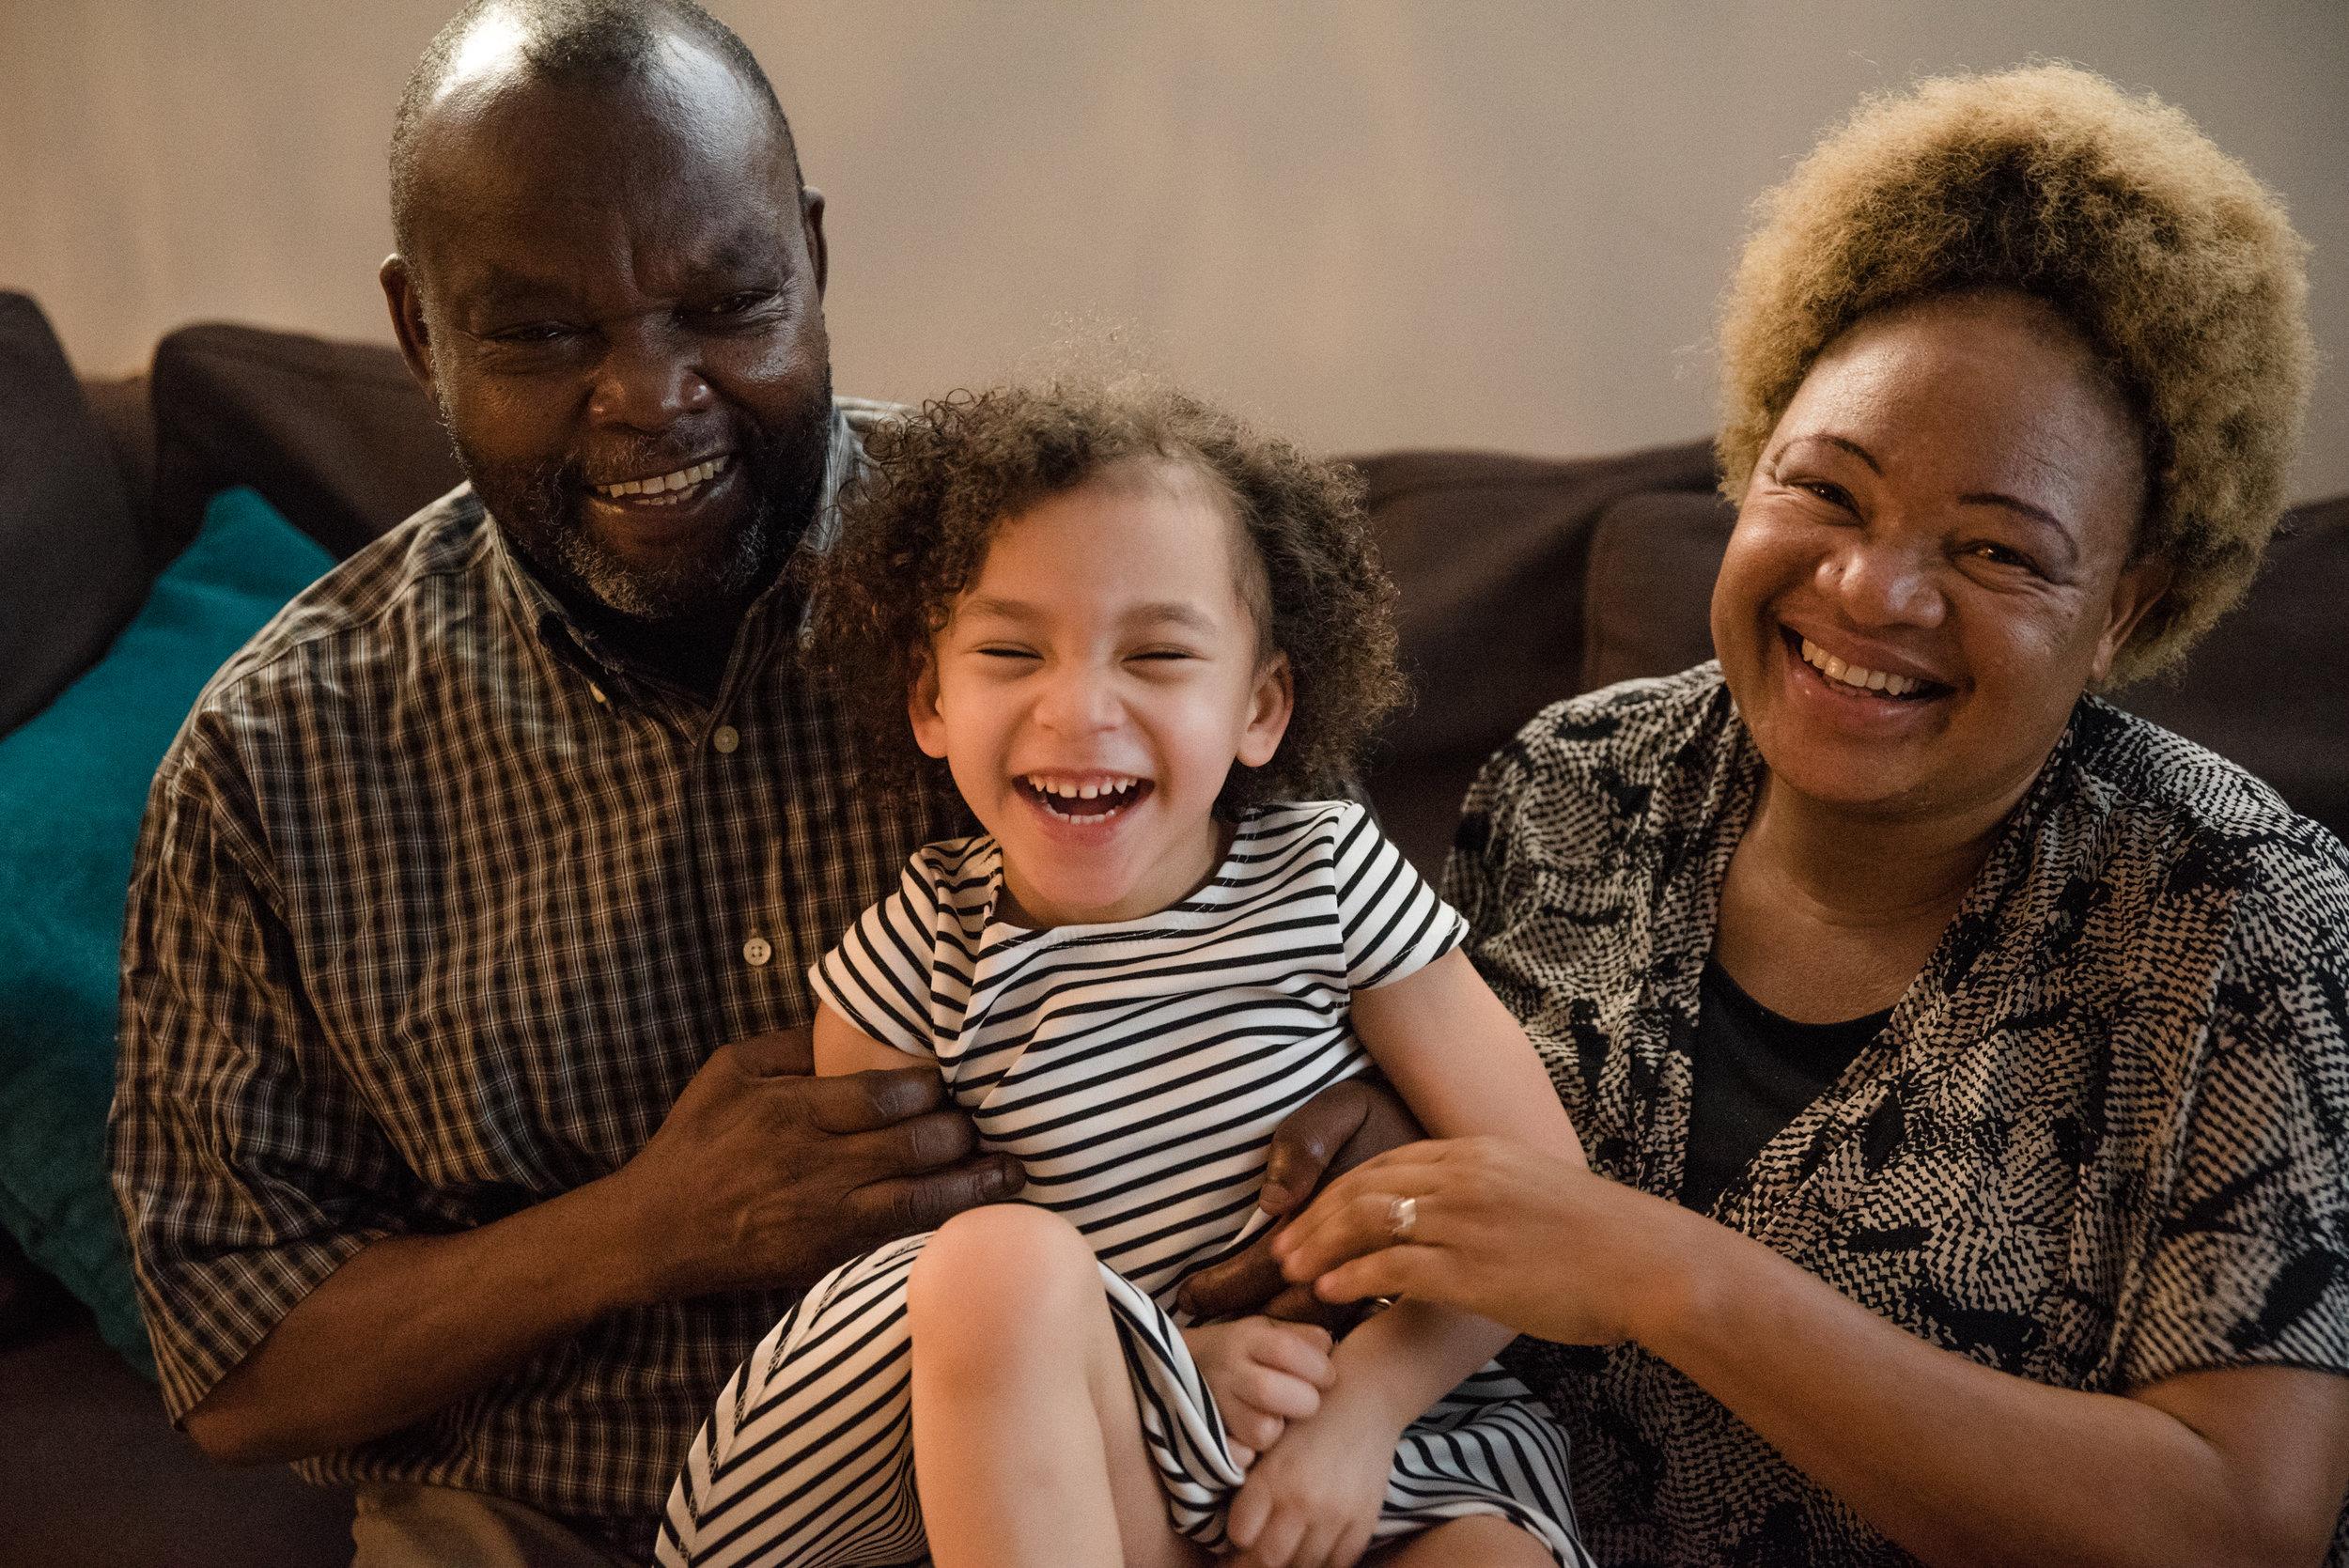 photo-d-une-gamine-qui-rit-avec-ses-grands-parents-photographe-de-famille-a-montreal-marianne-charland-056.jpg